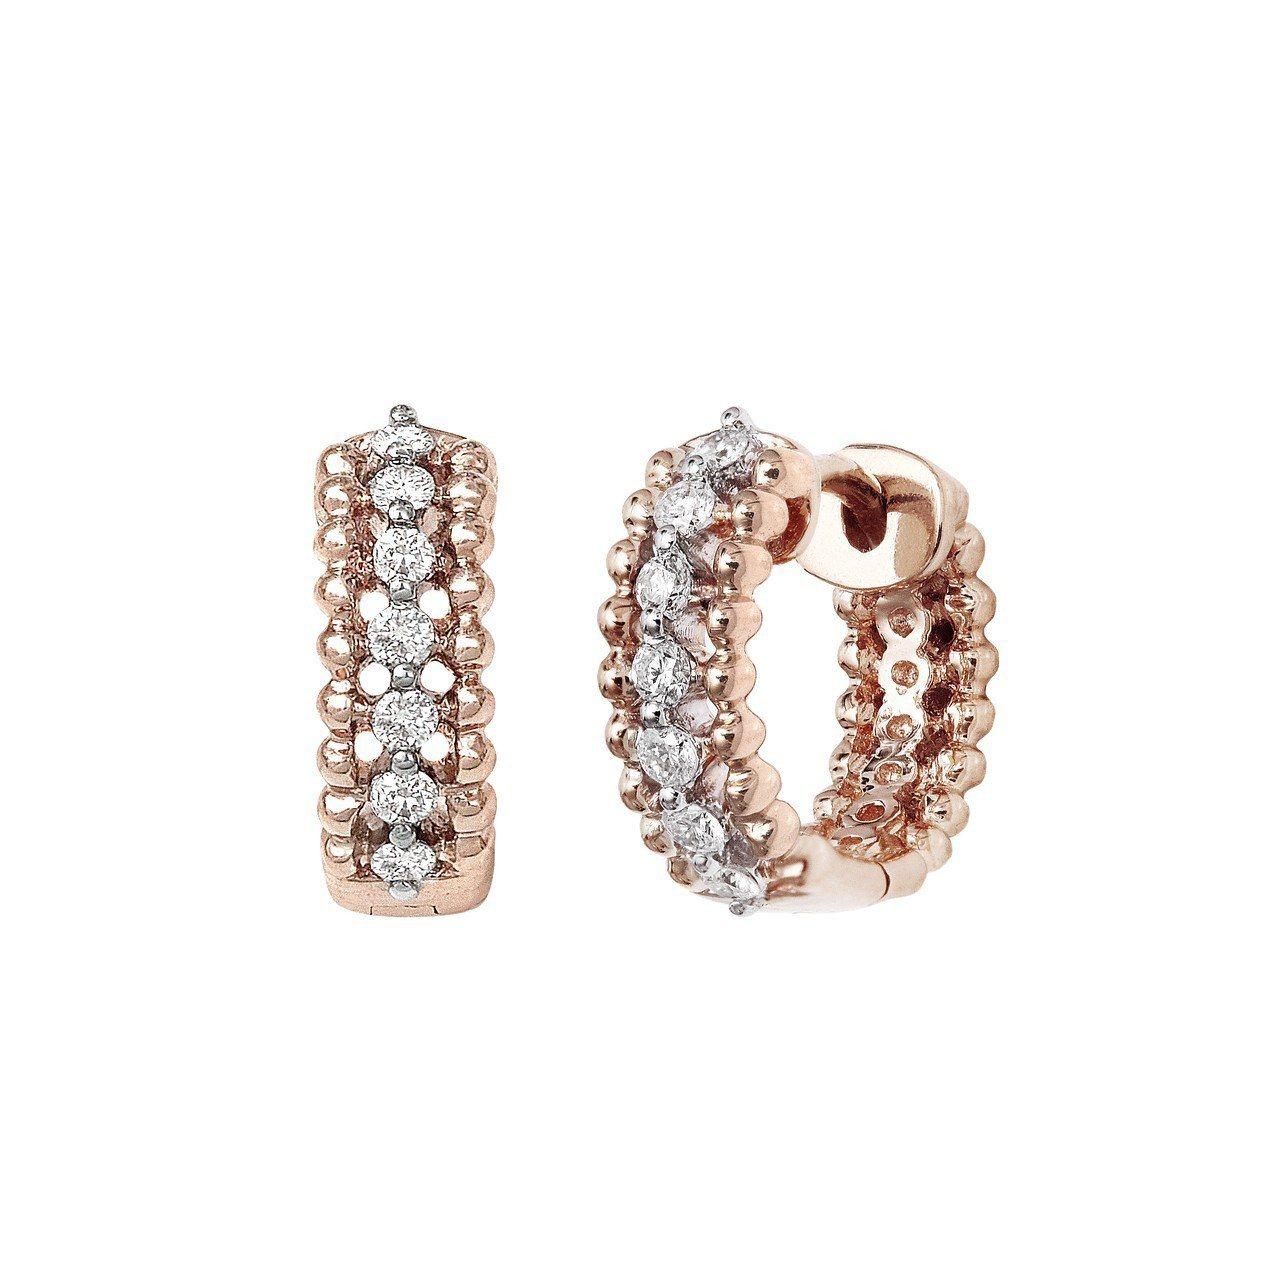 梅根同款的Vanessa Tugendhaft 旋轉木馬玫瑰金鑲鑽耳針耳環,約4...